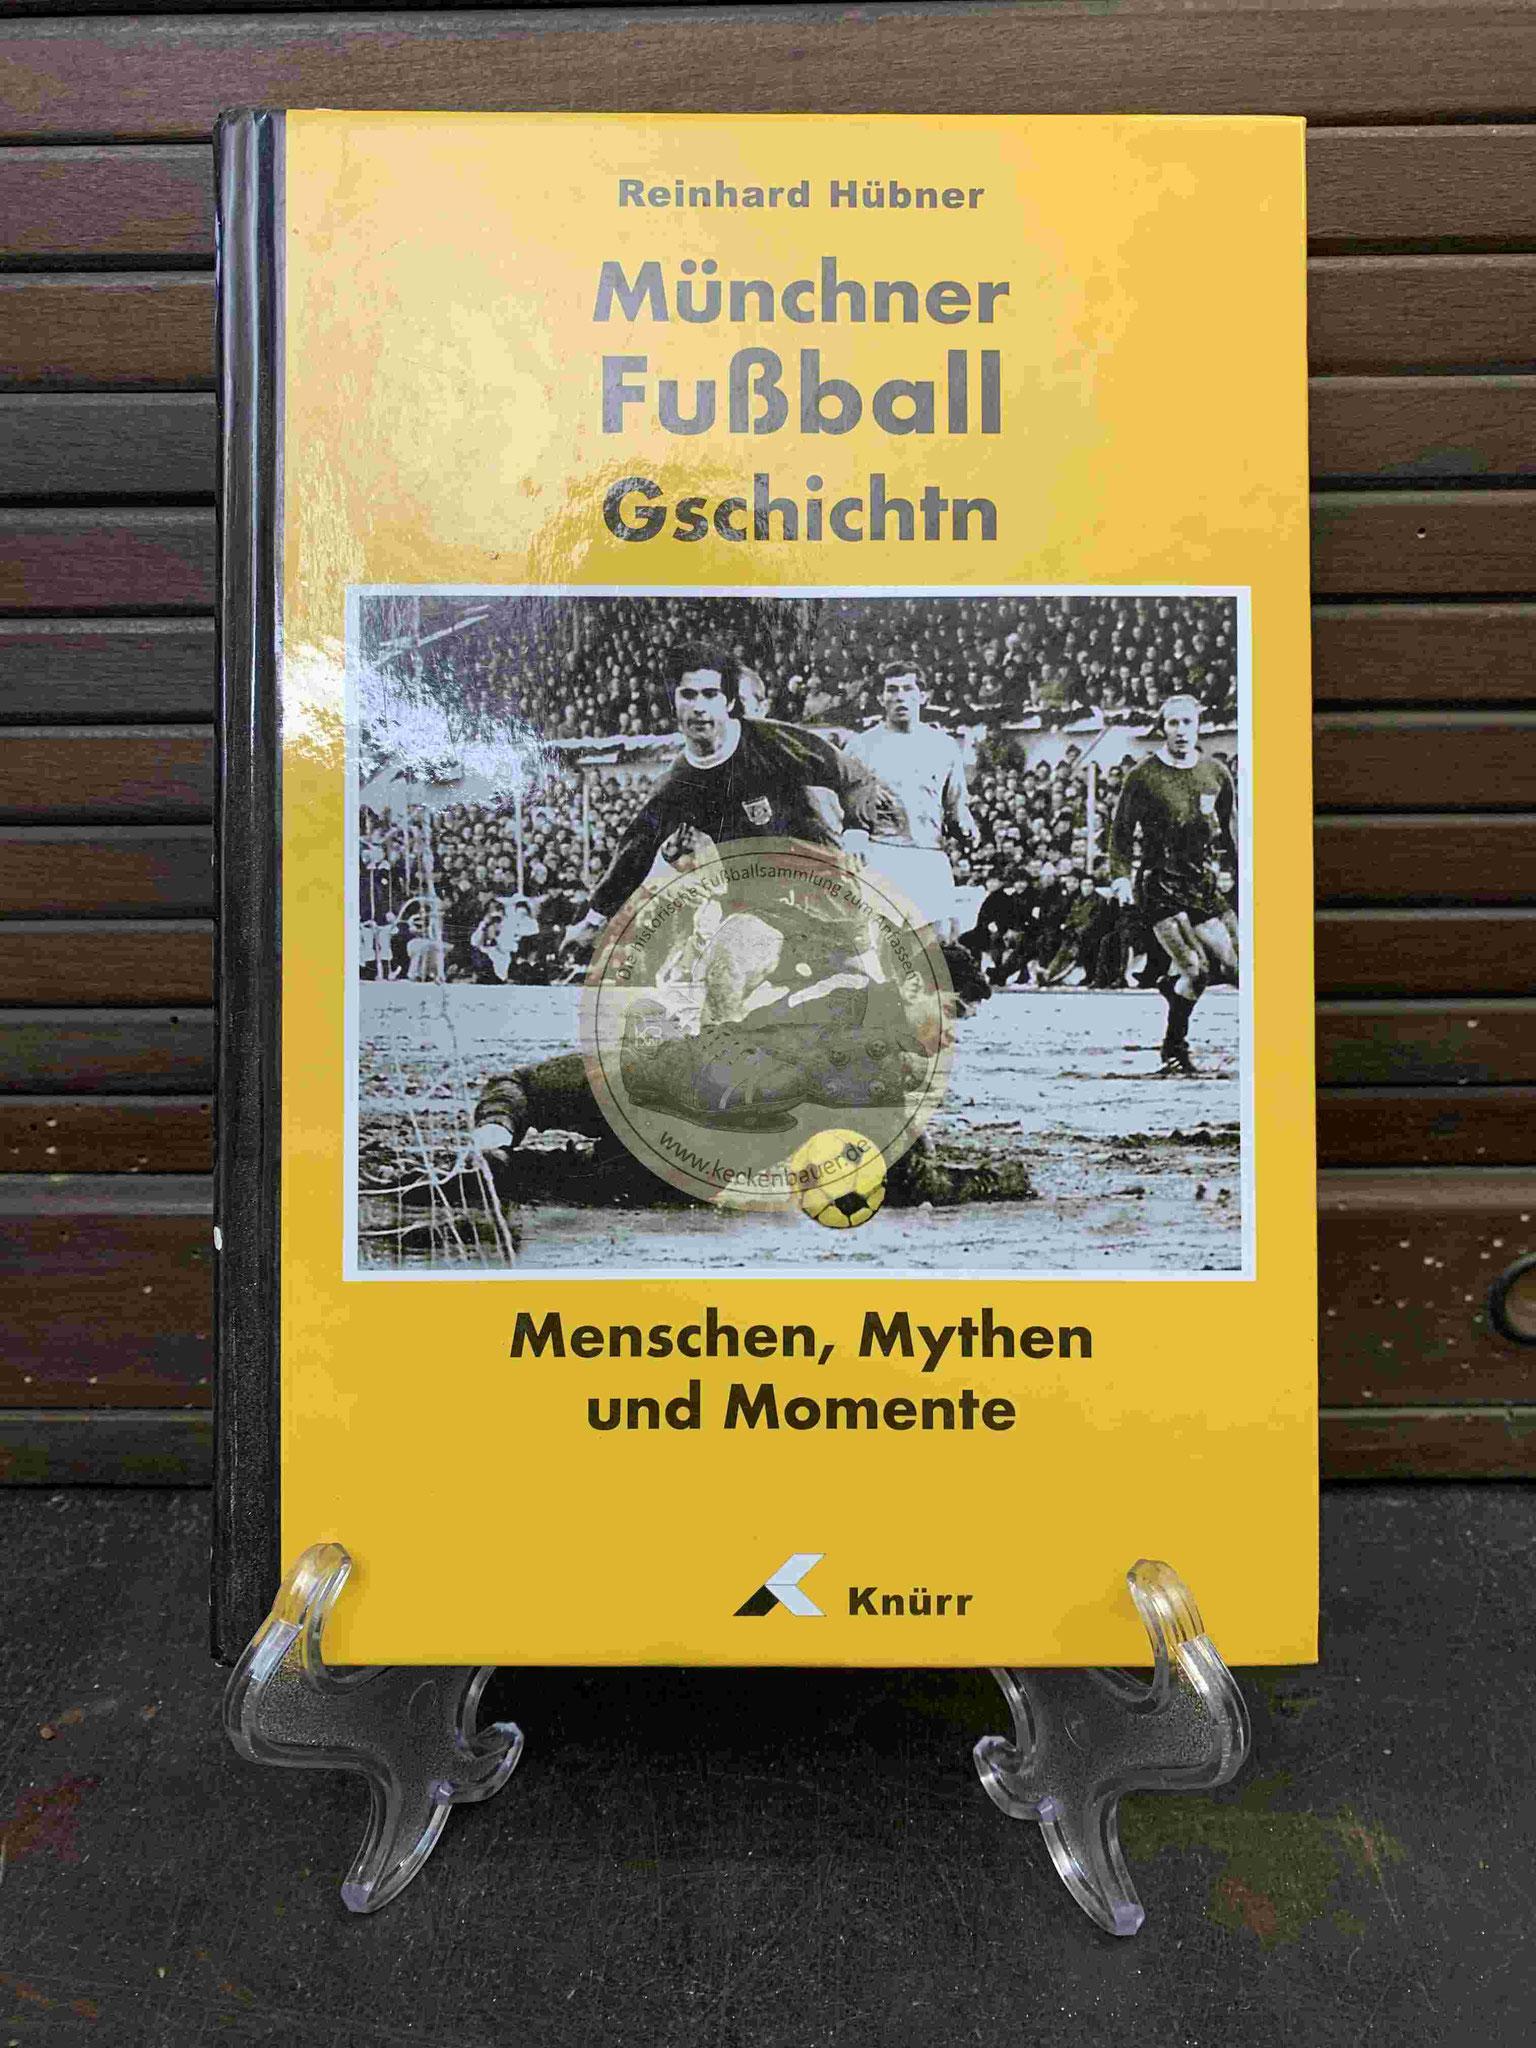 Münchner Fußball Gschichtn aus dem Jahr 2008